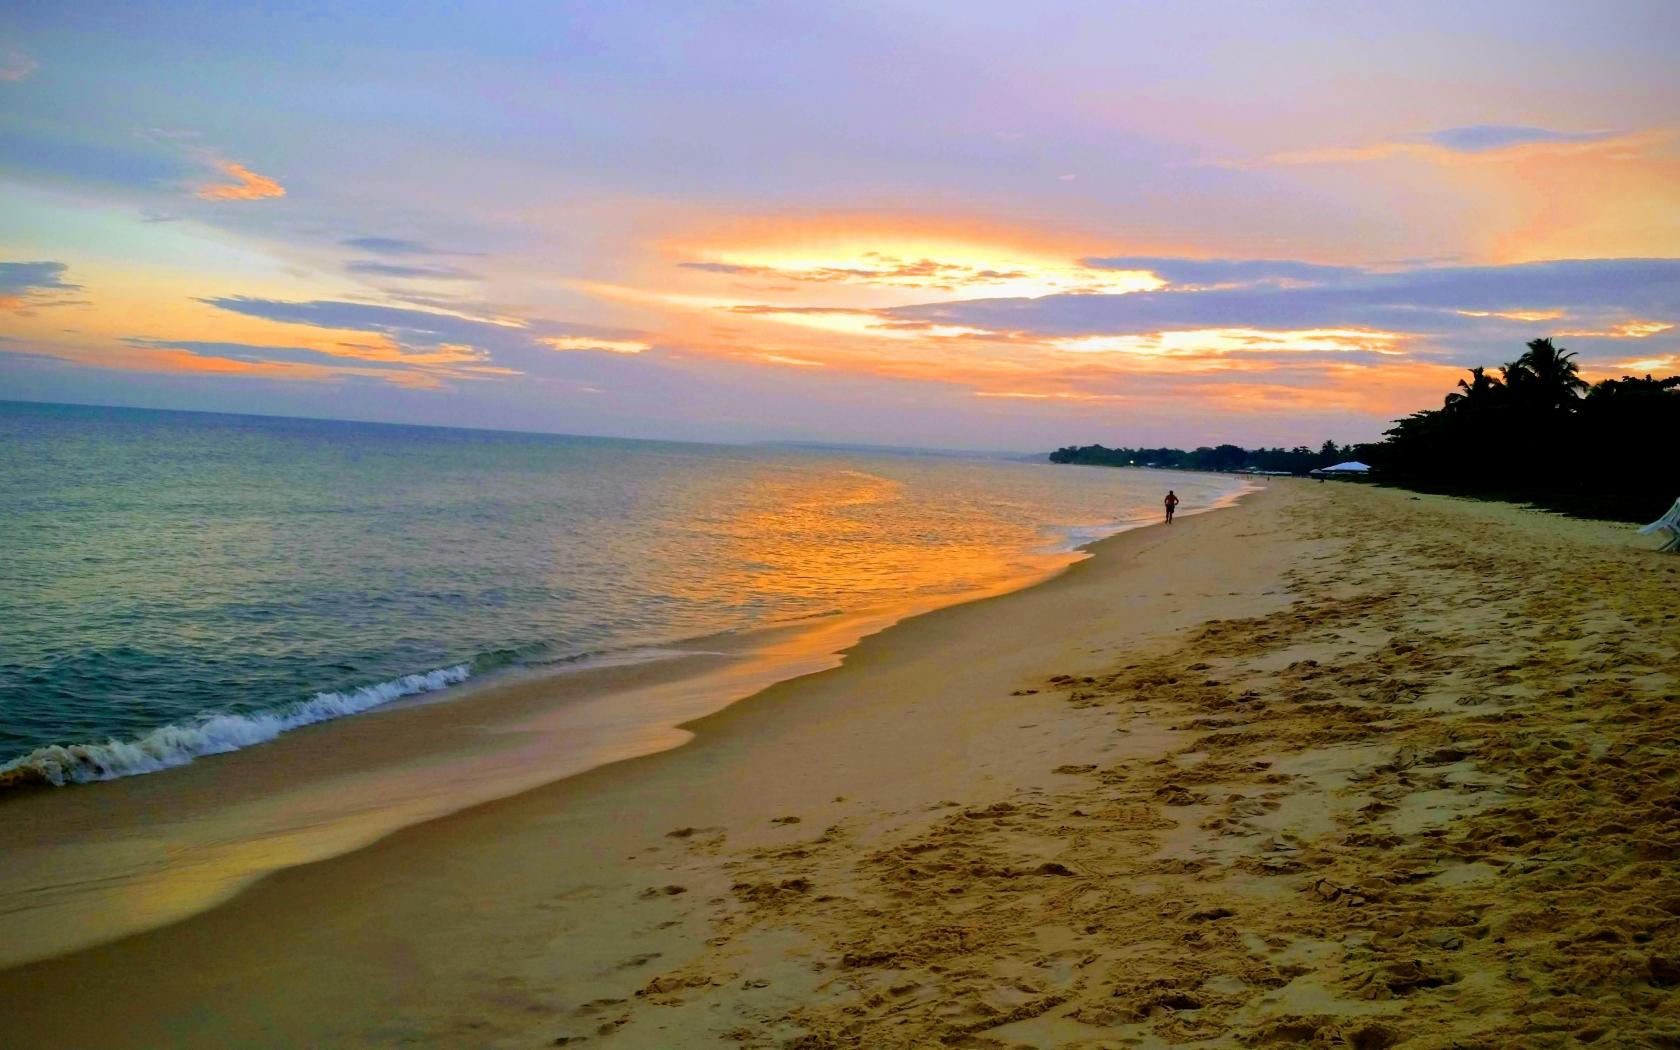 Playa de Porto Seguro - 1680x1050